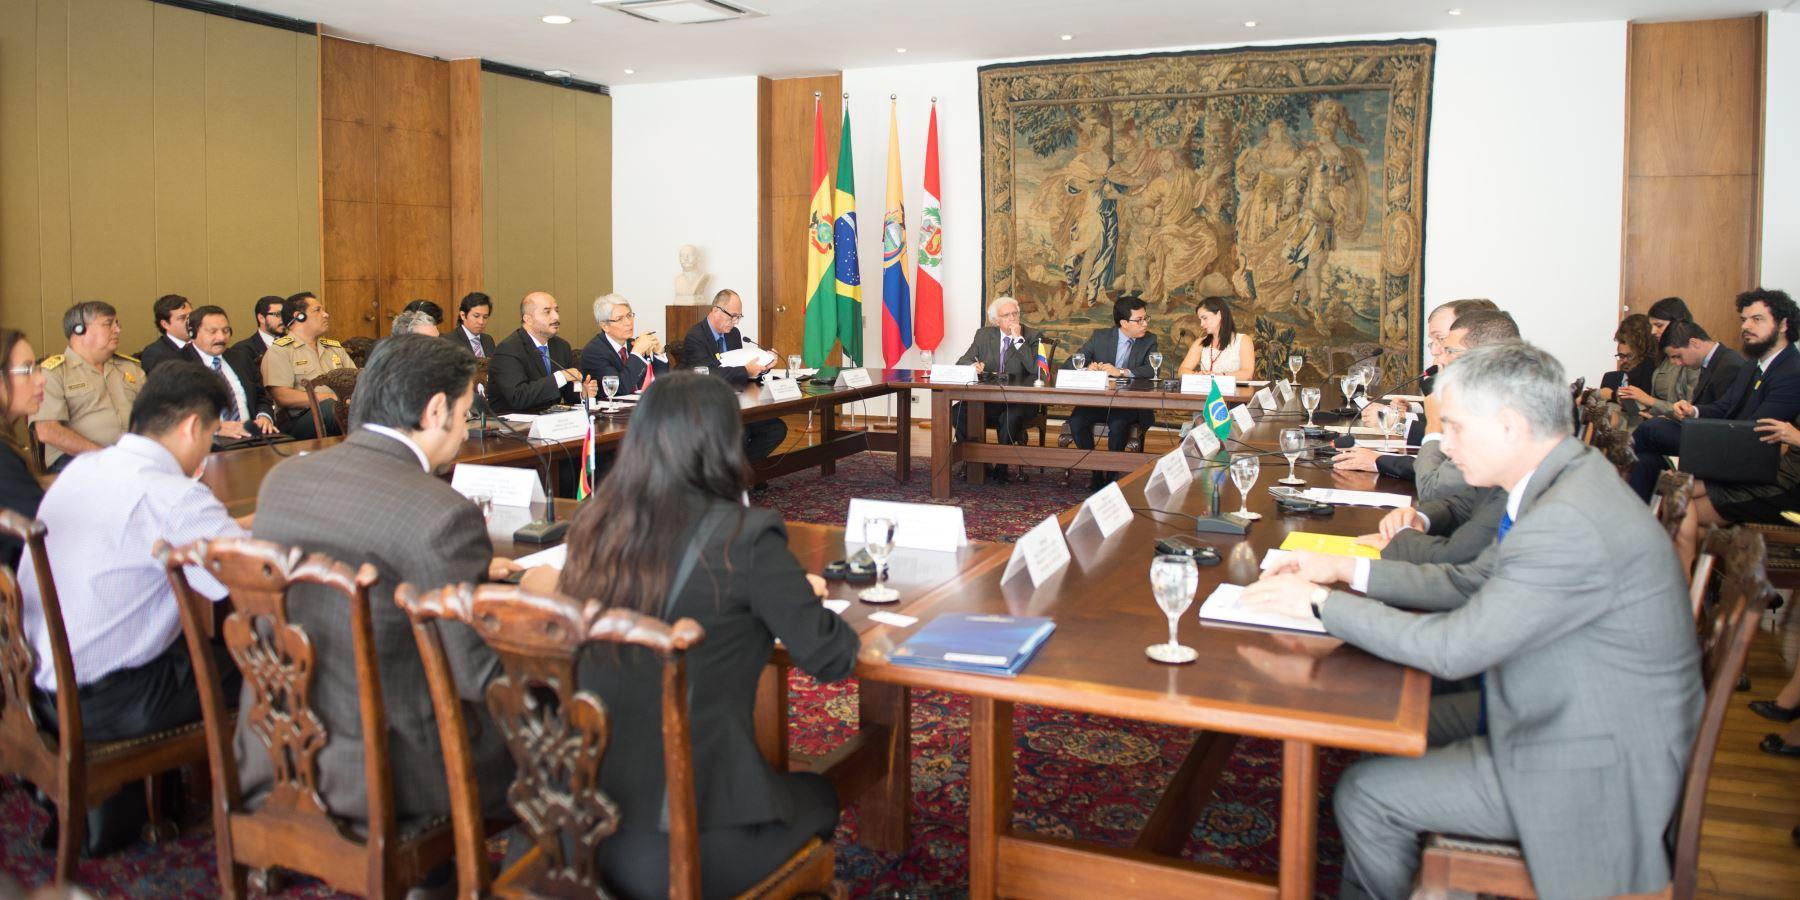 Ministros del Interior del Perú, Brasil, Bolivia y Ecuador se reunen en Brasilia para promover una migración segura en Sudamérica. ANDINA/Difusión